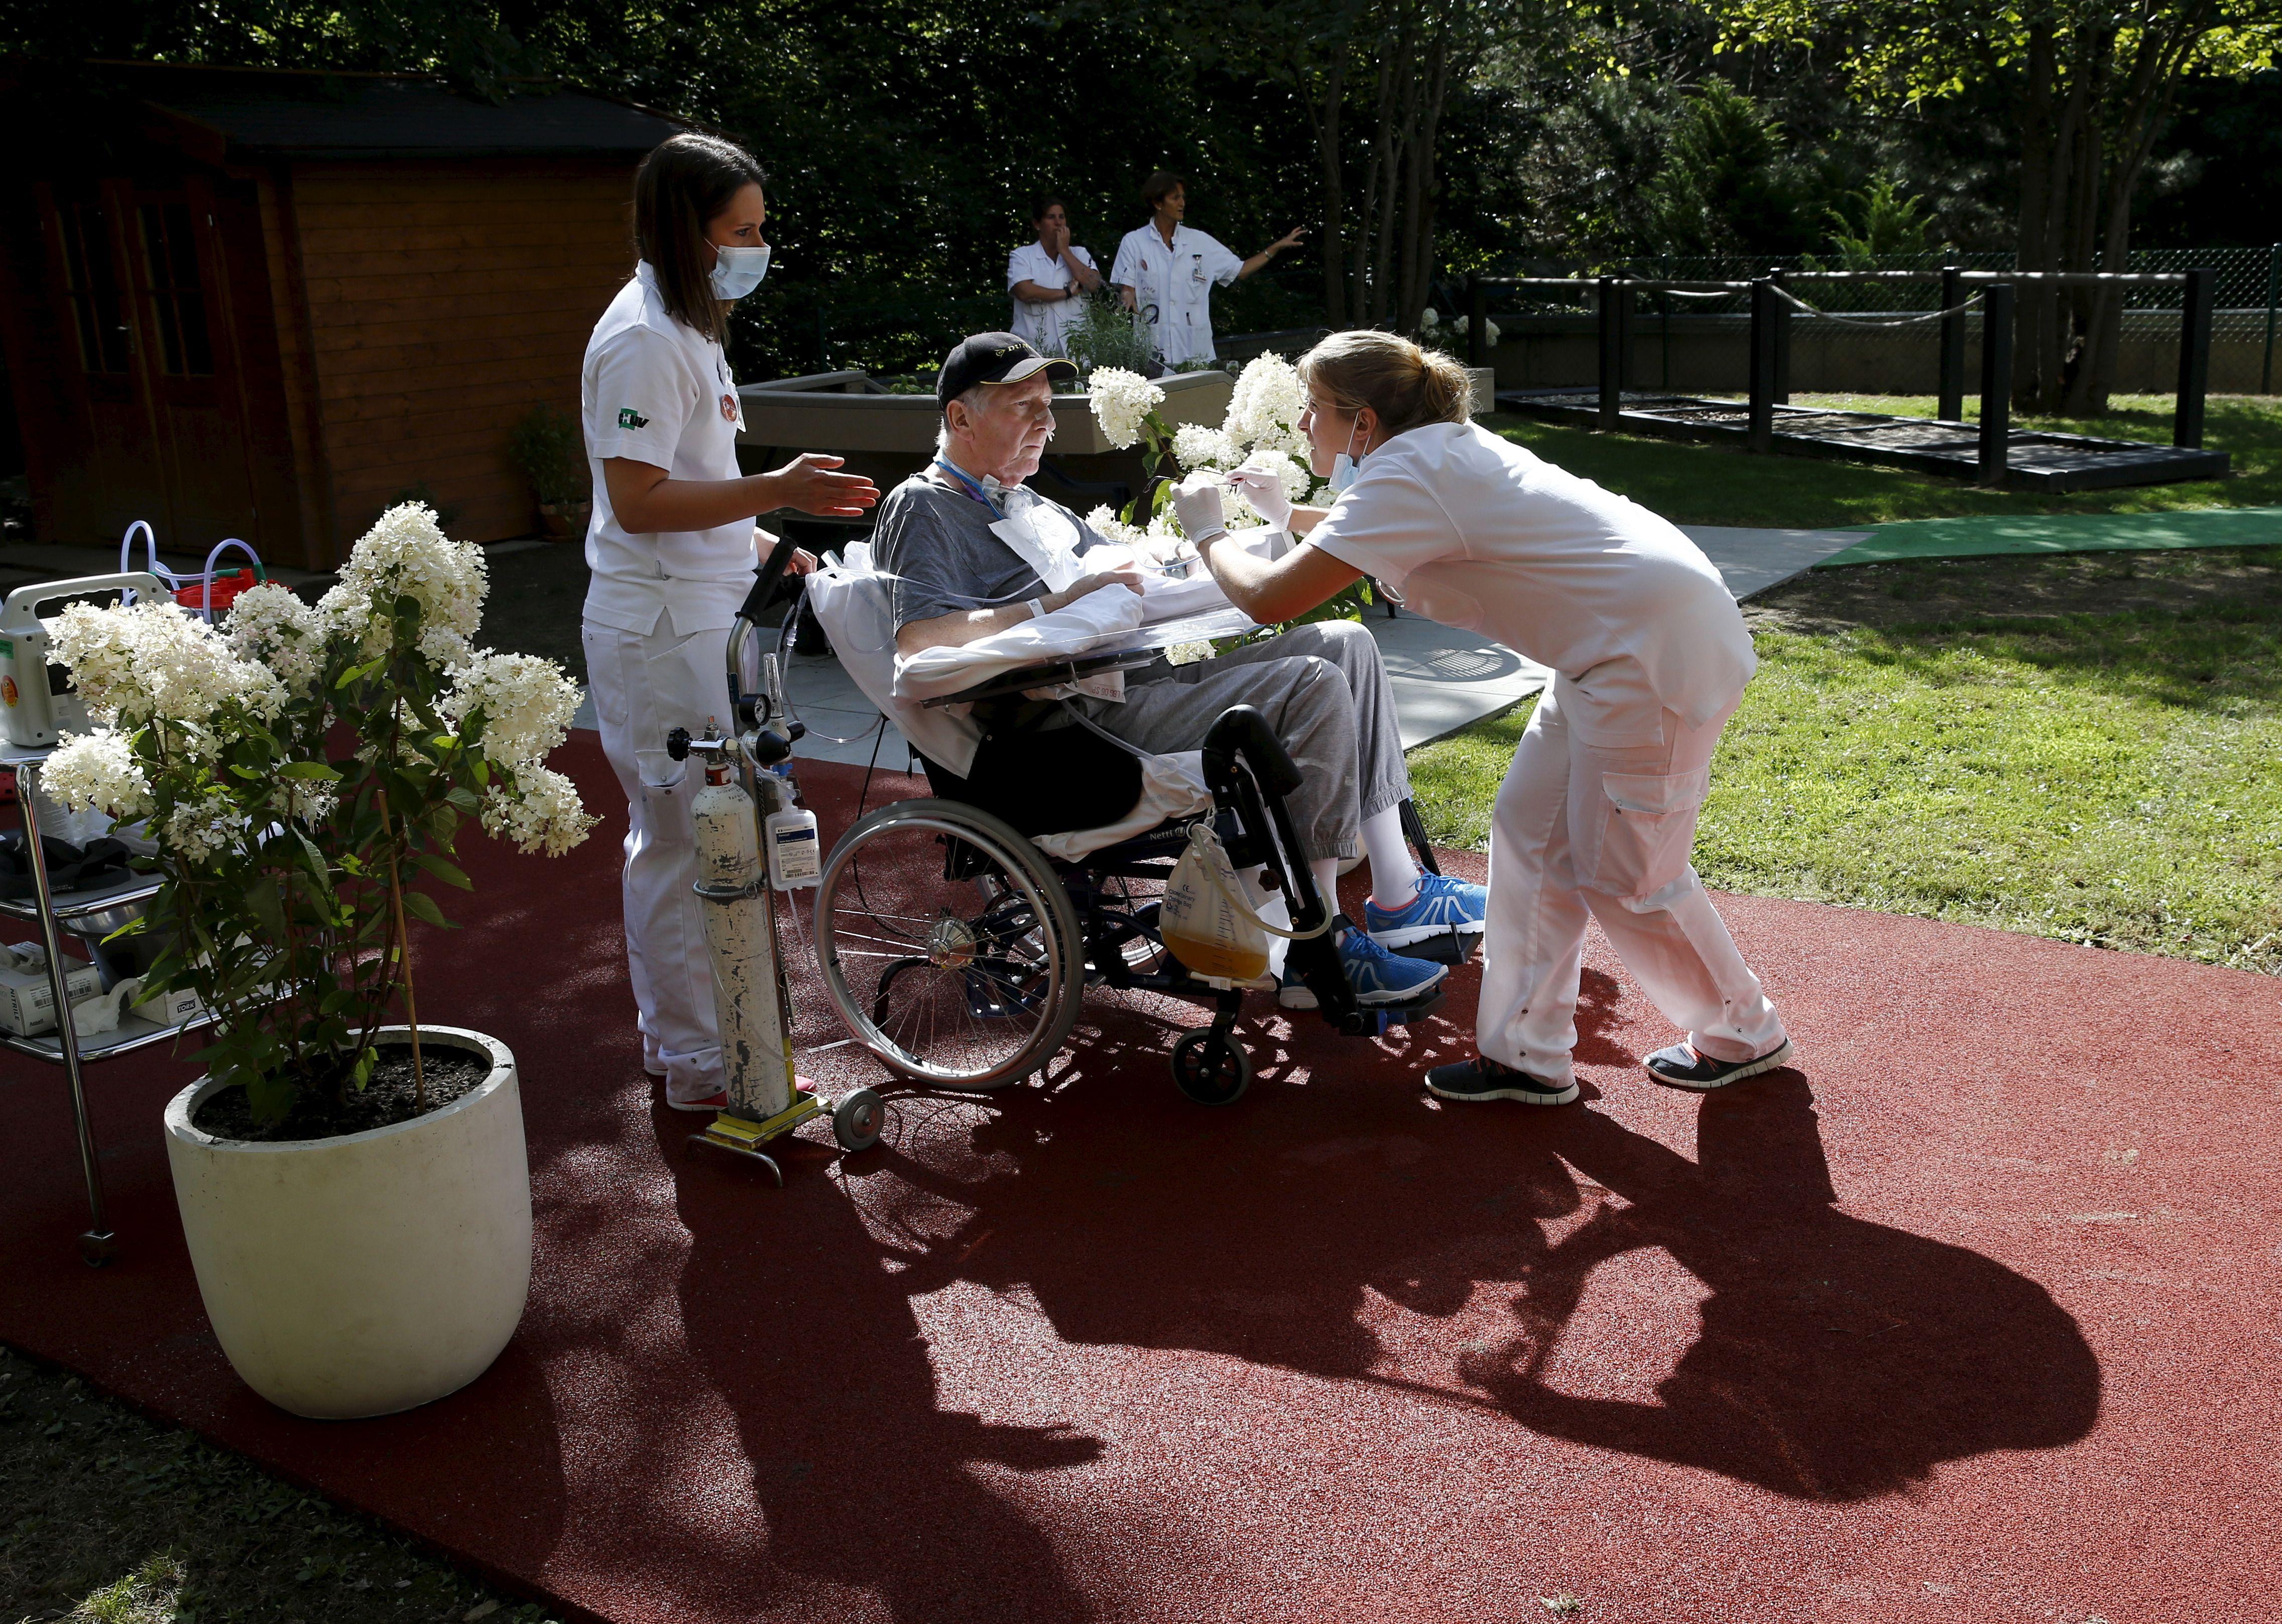 Un patient en réhabilitation post-AVC au CHU de Lausanne en Suisse, le 25 août 2015